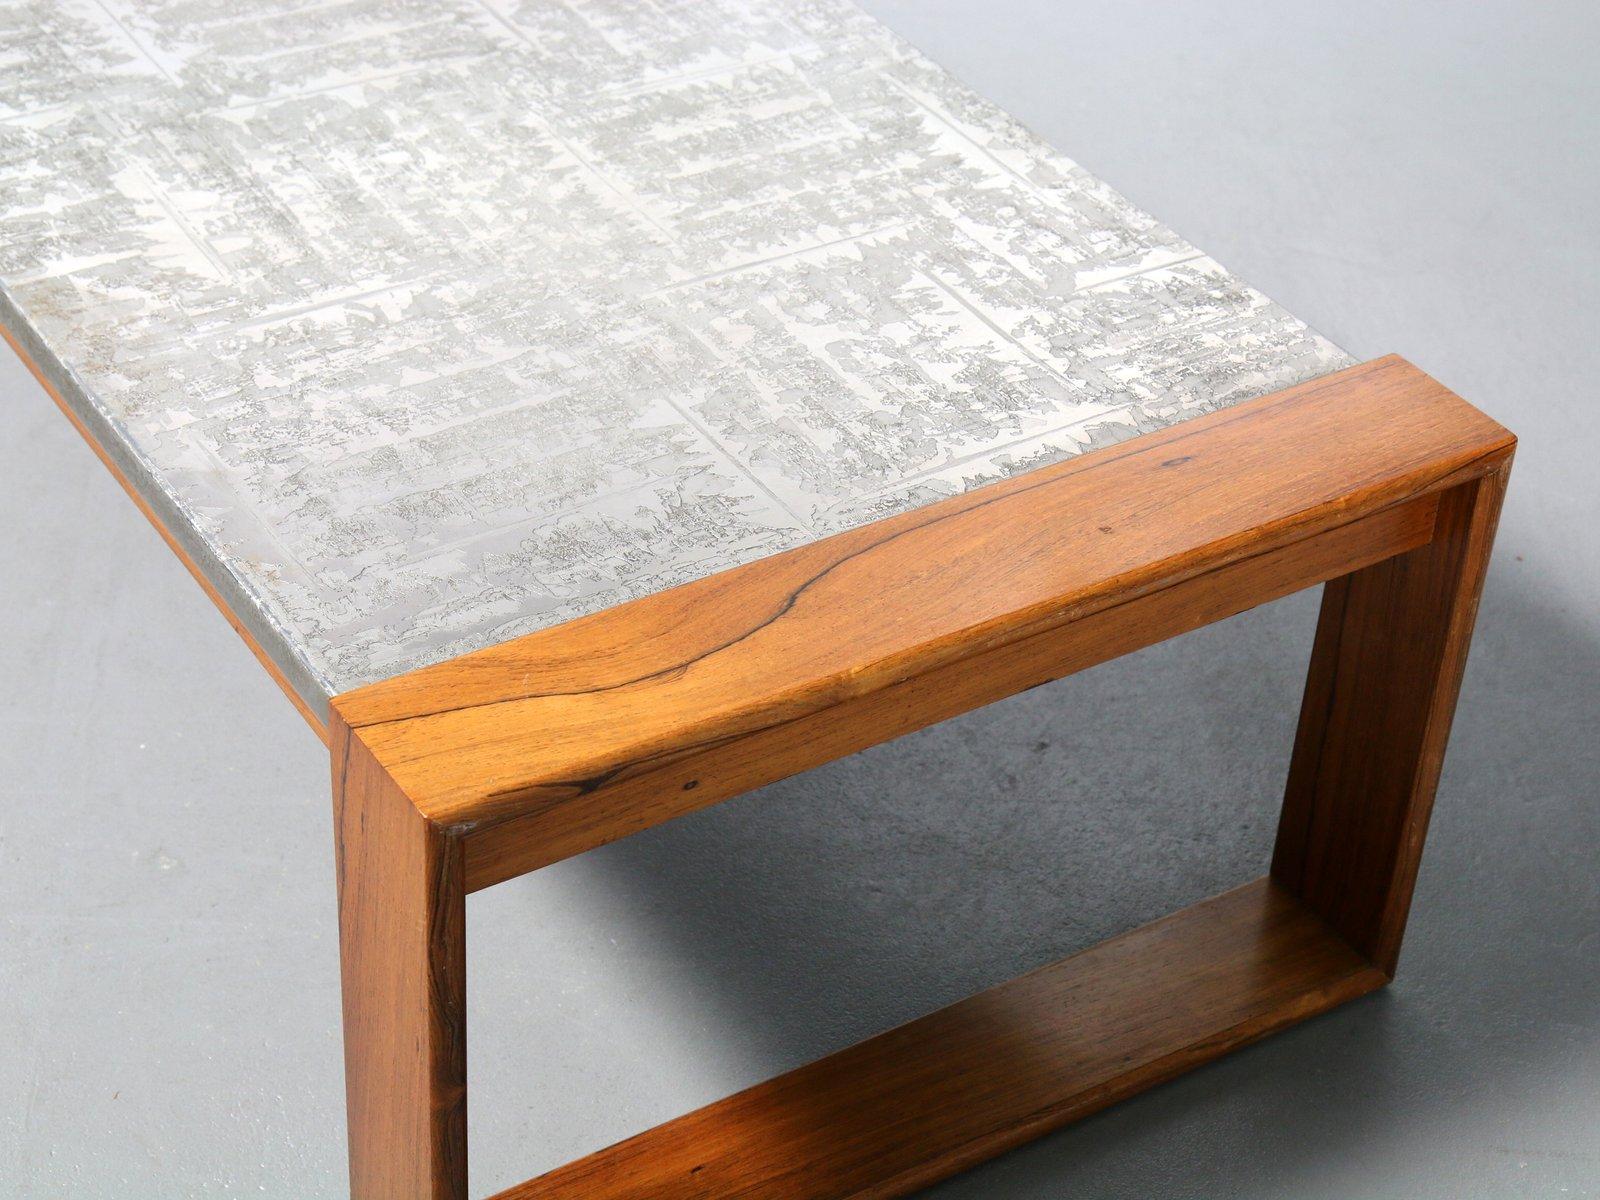 brutalistischer couchtisch aus aluminium holz 1970er. Black Bedroom Furniture Sets. Home Design Ideas